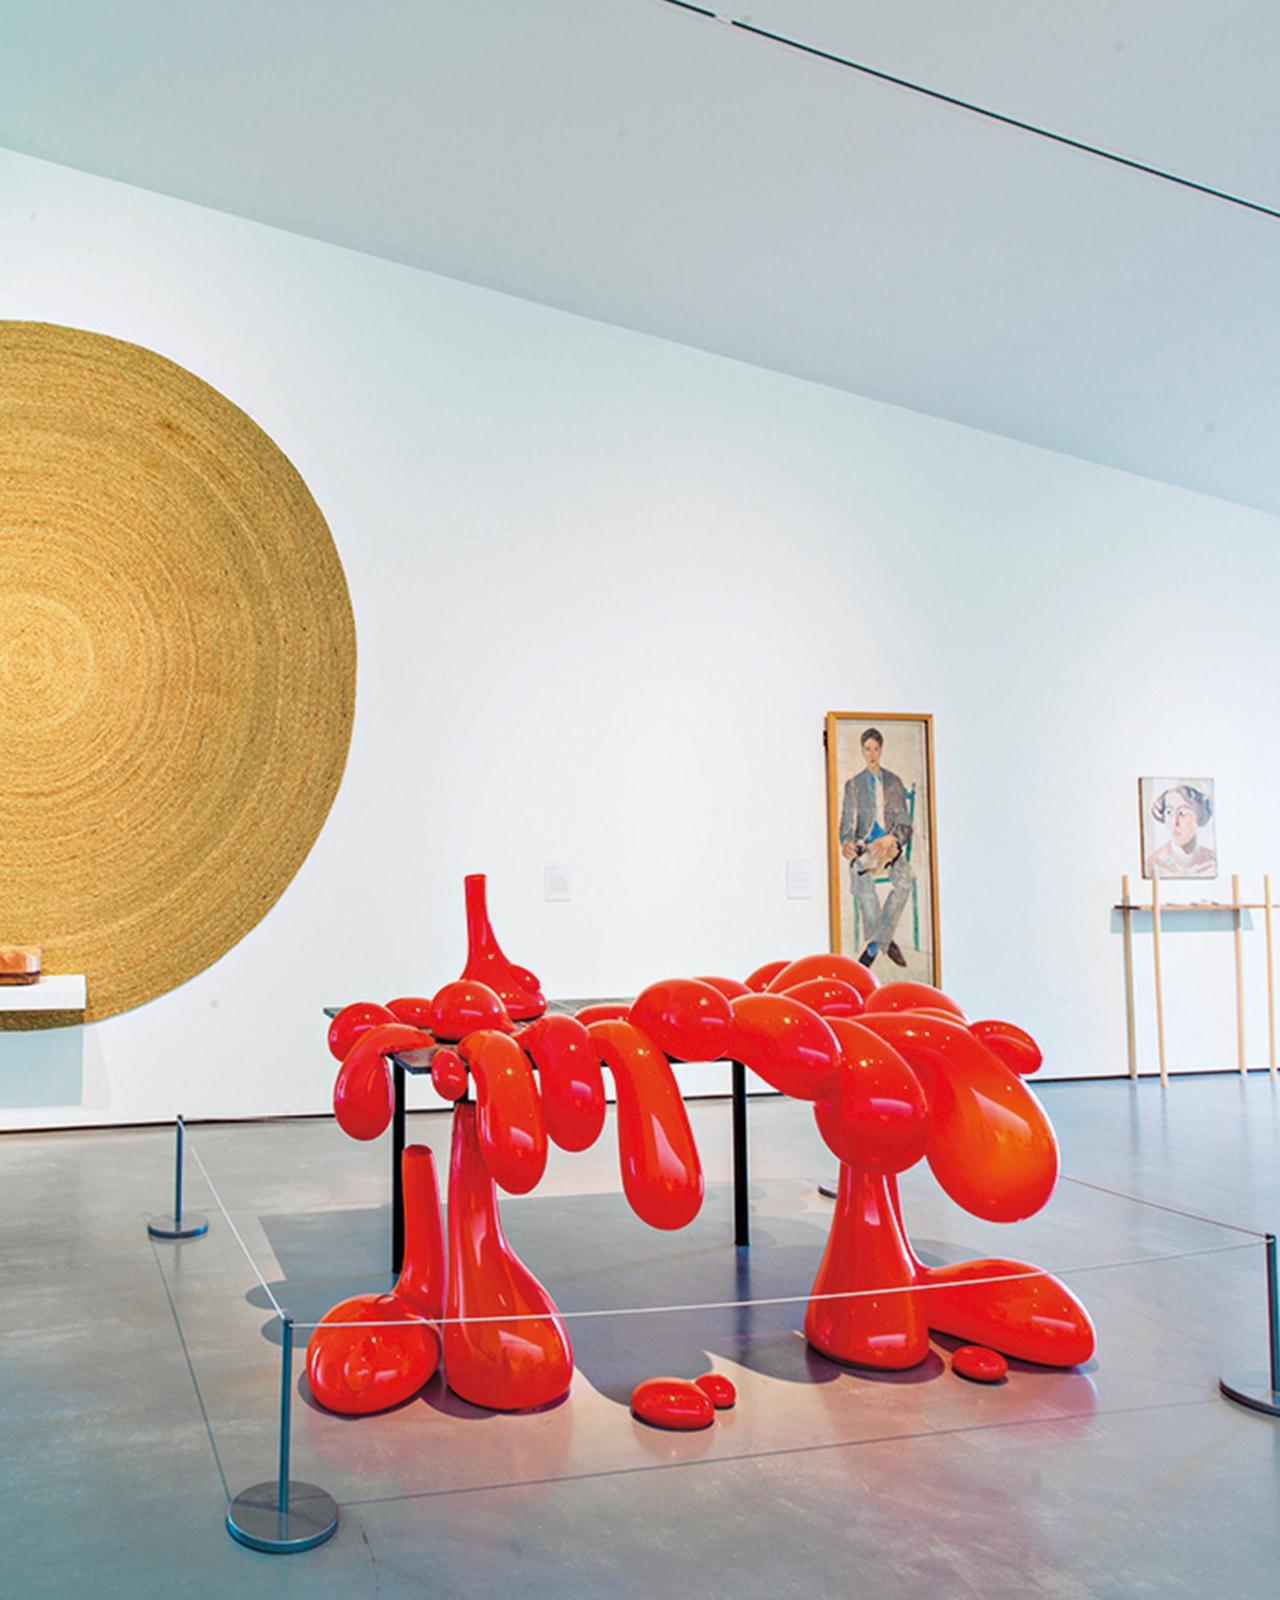 Images : 7番目の画像 - 「ジョナサン・アンダーソンと アンセア・ハミルトンが語る ファッションとアート」のアルバム - T JAPAN:The New York Times Style Magazine 公式サイト